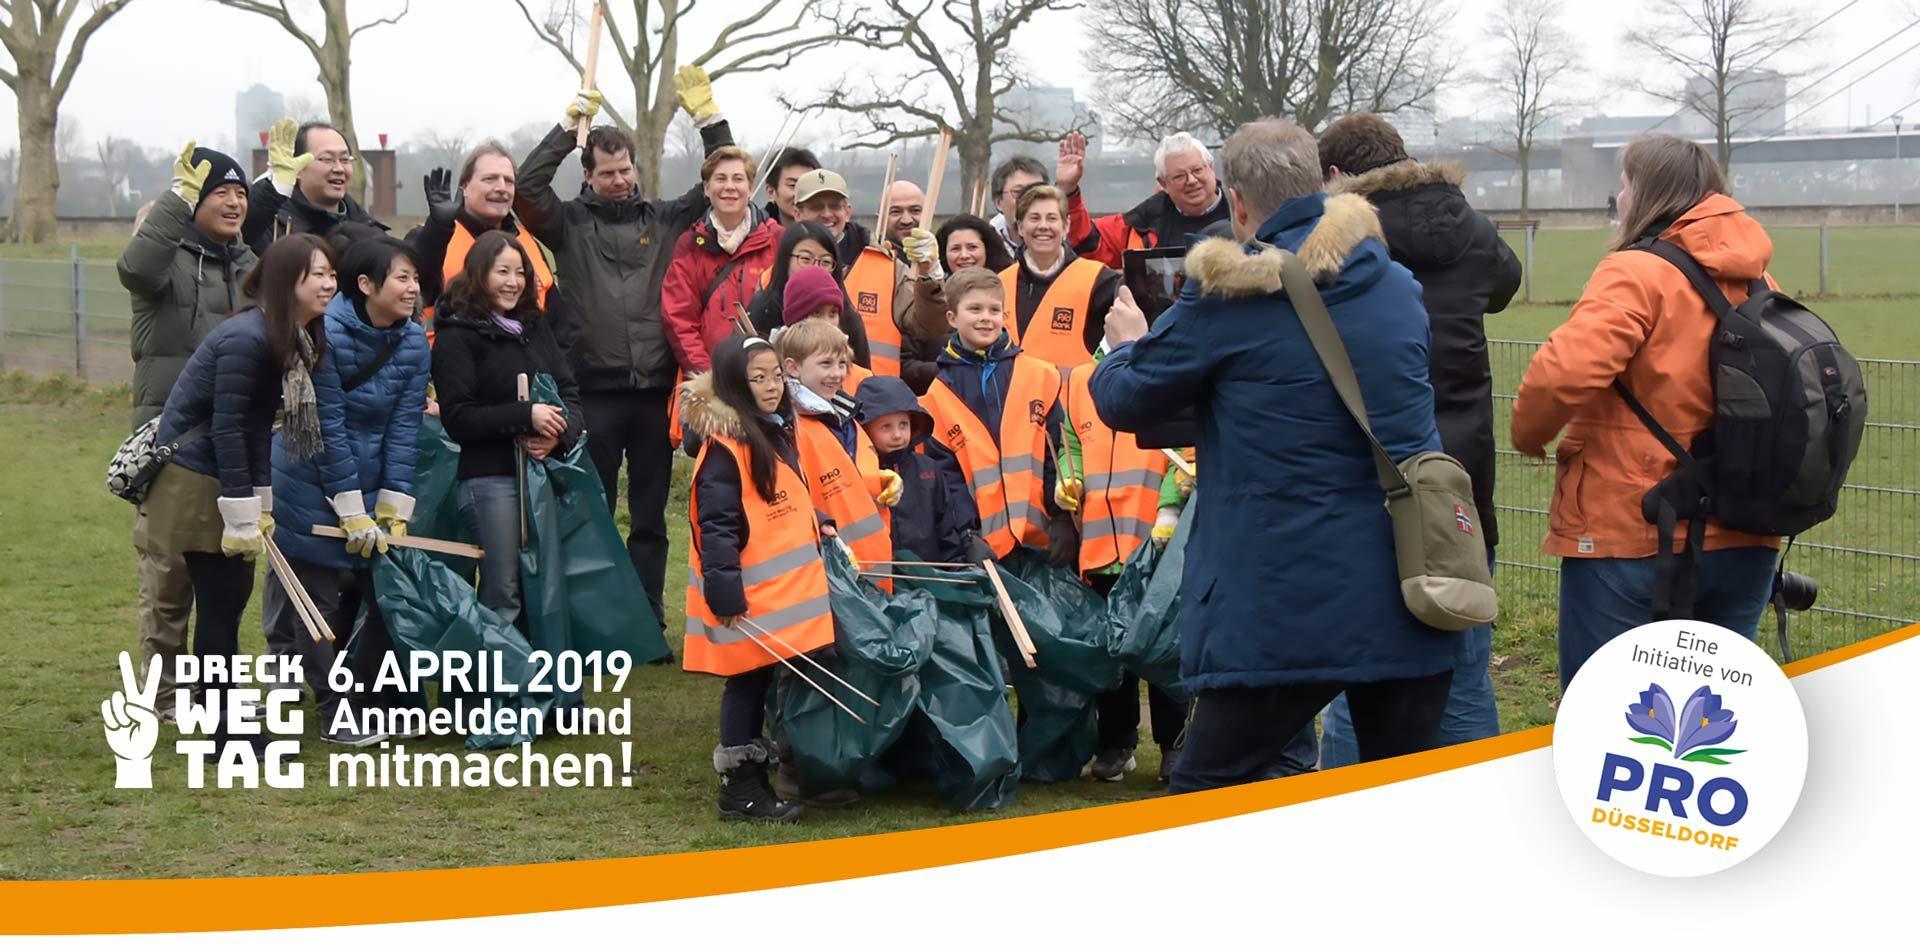 Gruppe von Kindern und Erwachsenen nehmen am Dreck-Weg-Tag teil